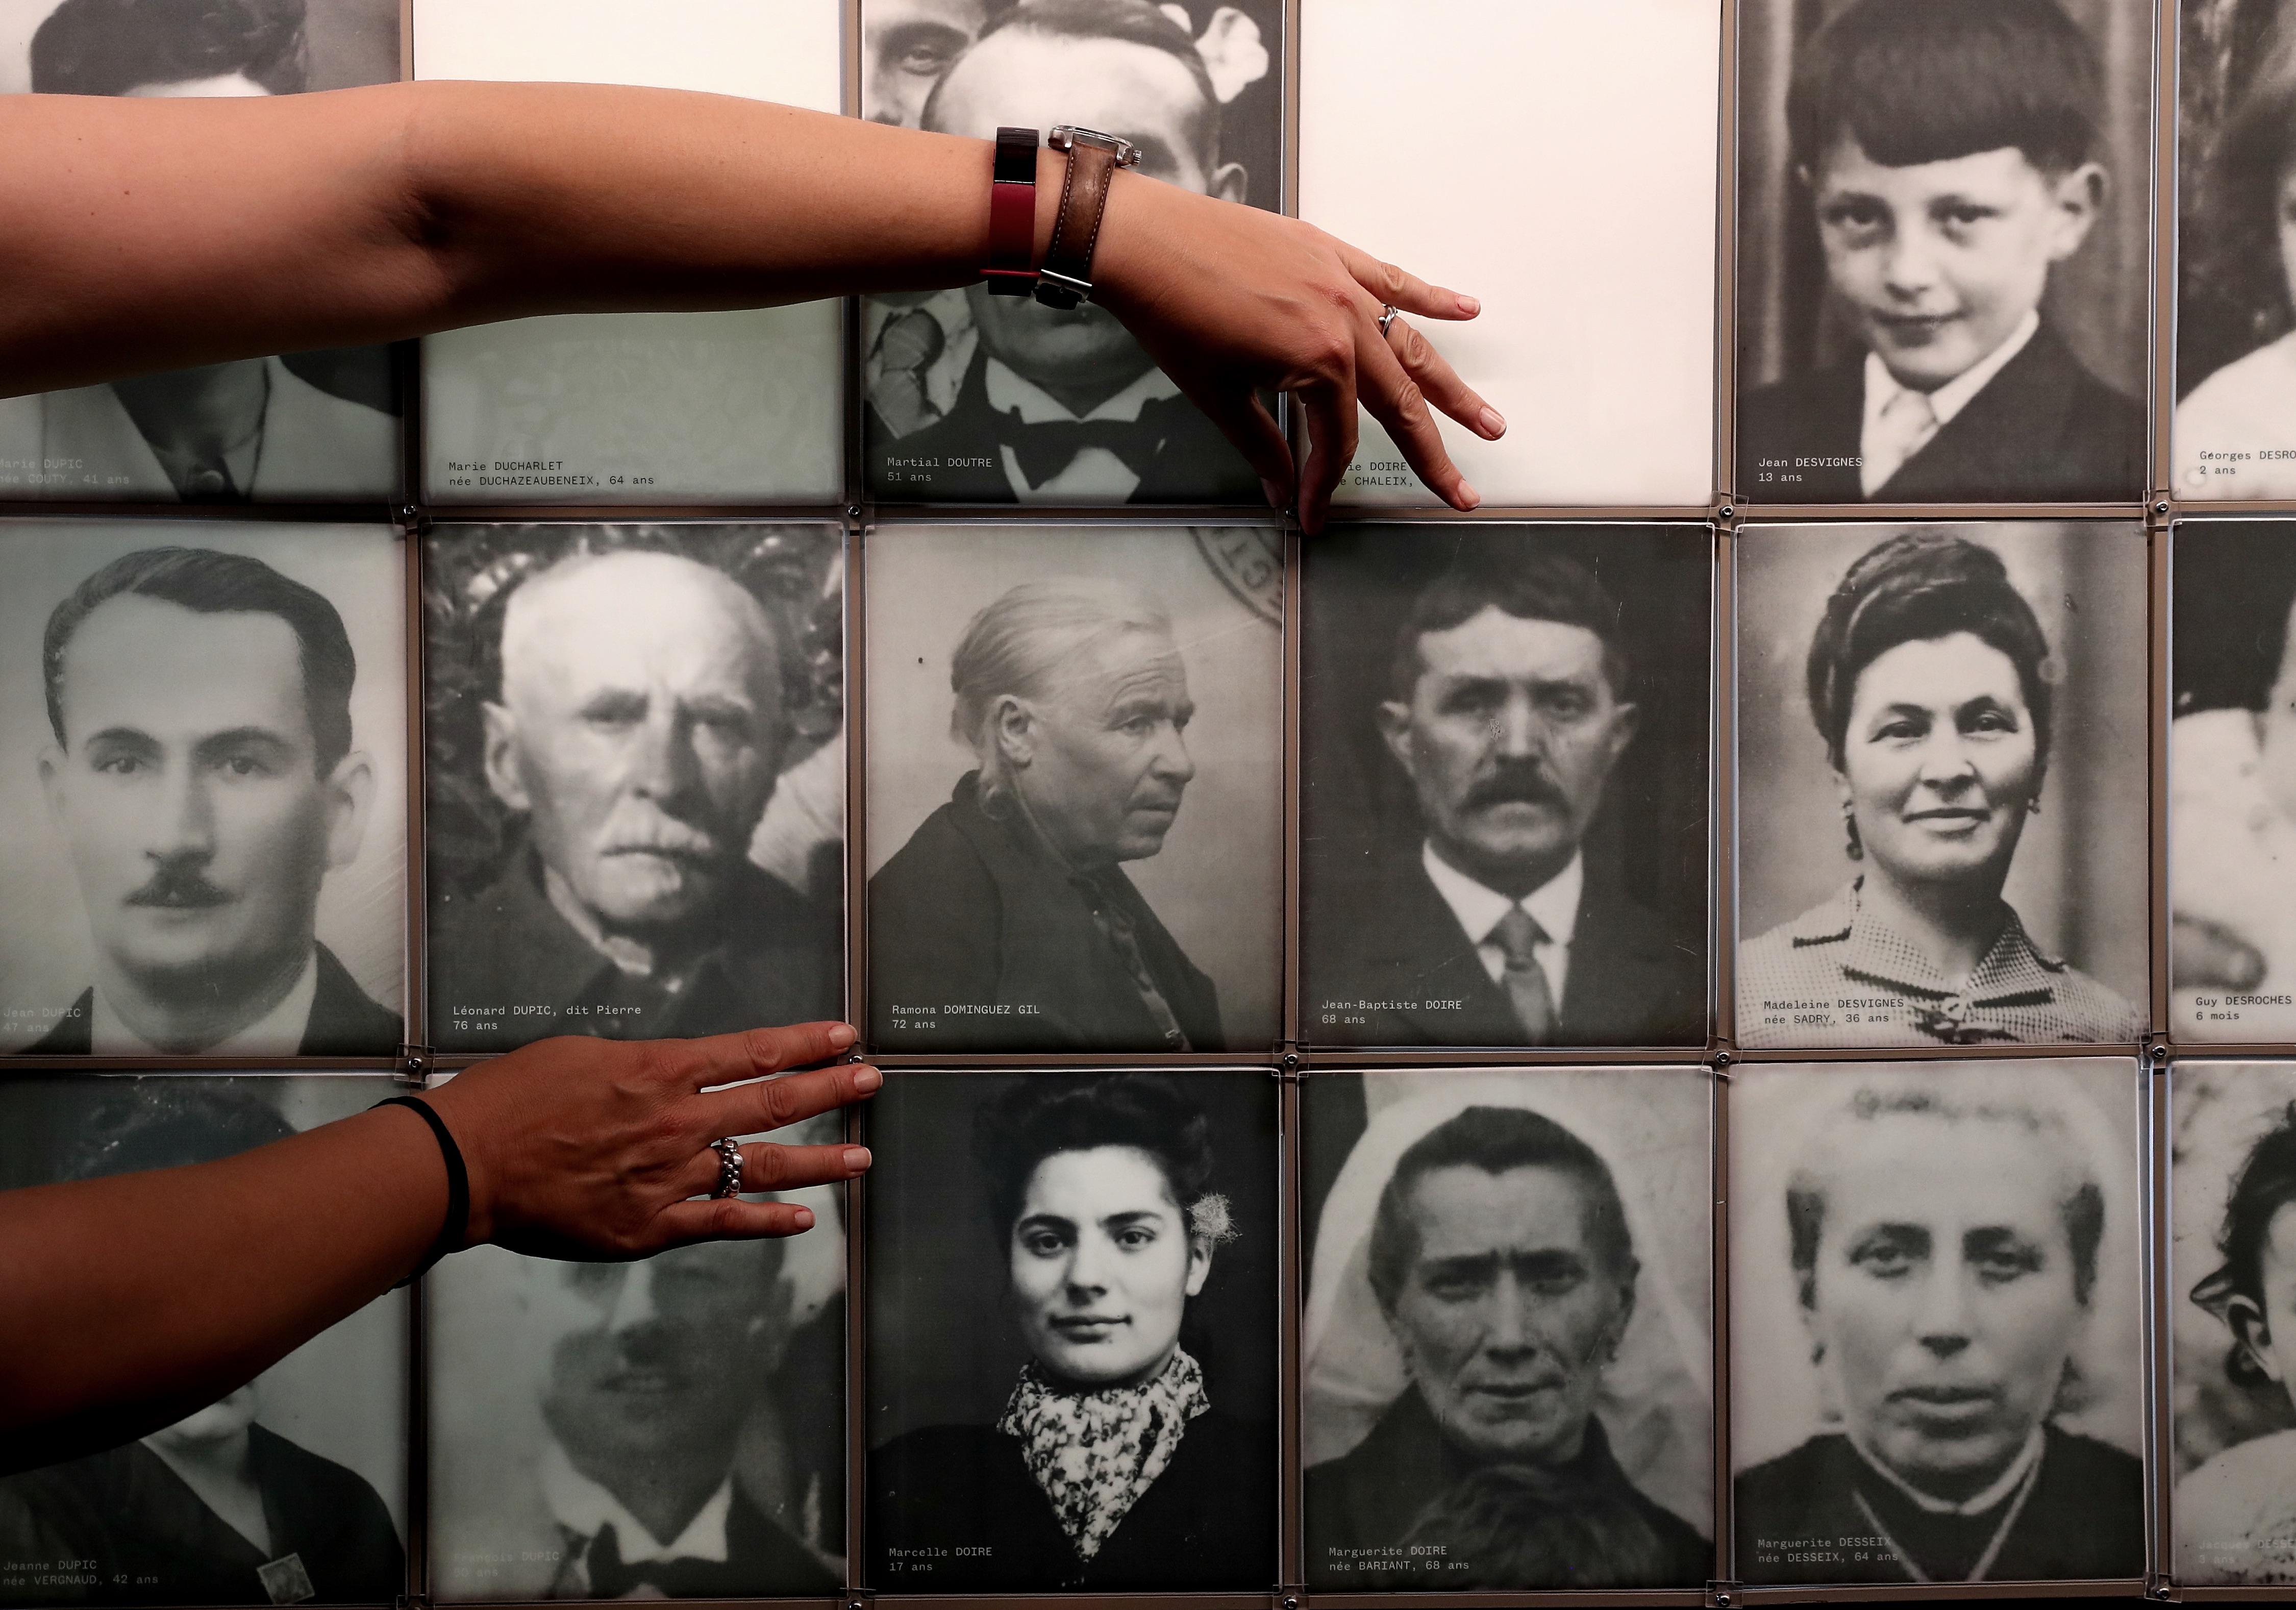 08/06/21. (DVD 1057)  Acto de reconocimiento como victima de la española Ramona Dominguez Gil en la matanza ocurrida en el pueblo frances de Oradour-sur-Glane, donde el 10 de Junio de 1944 fueron asesinadas por los nazis 643 personas. Jaime Villanueva.